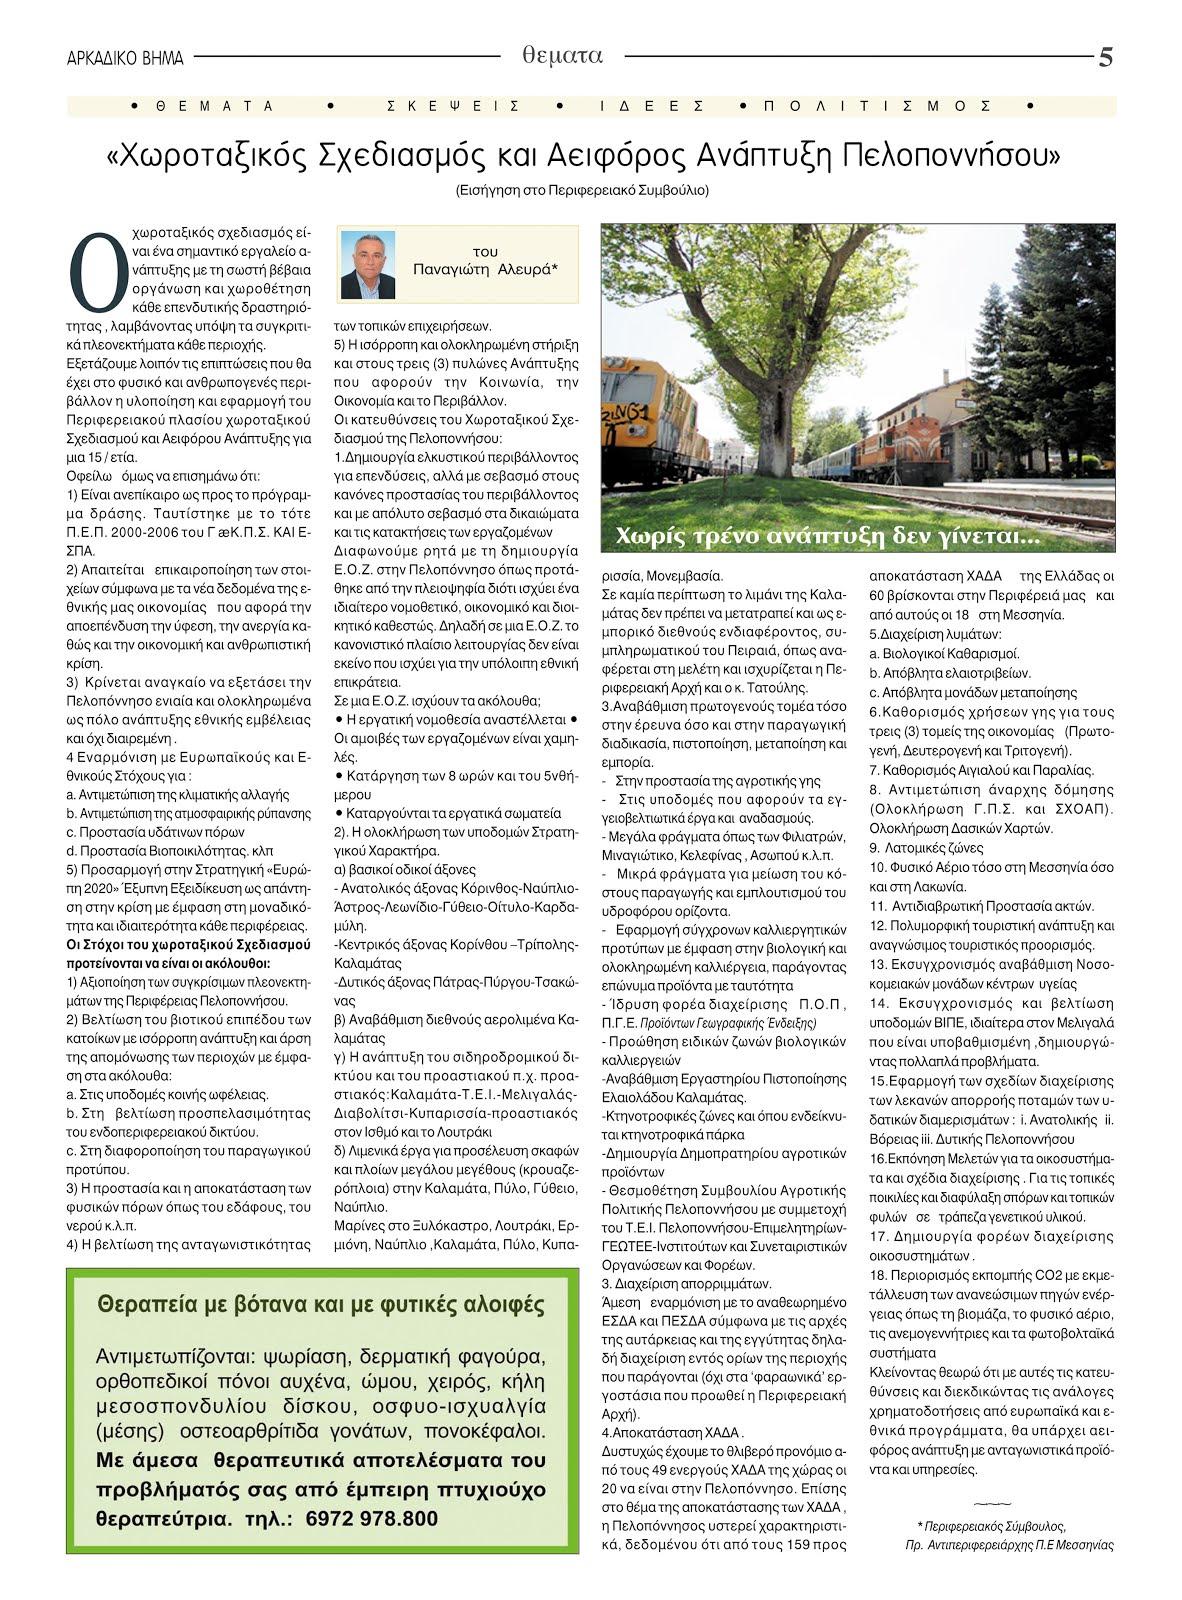 """Παν. Αλευράς: """"Χωροταξικός Σχεδιασμός και Αειφόρος Ανάπτυξη της Πελοποννήσου"""""""